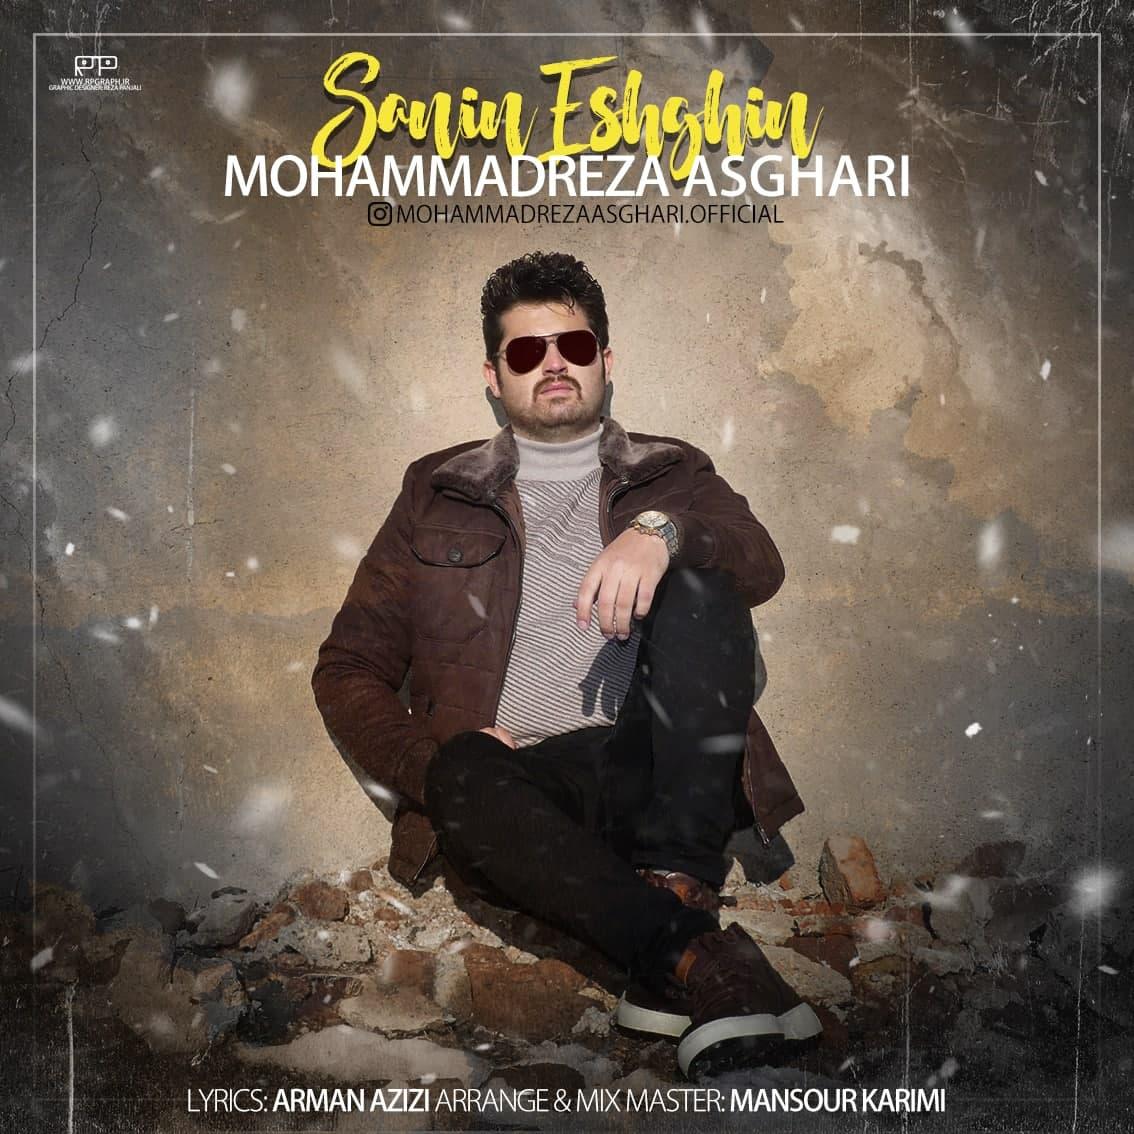 https://s17.picofile.com/file/8426318892/09Mohammadreza_Asghari_Sanin_Eshghin.jpg